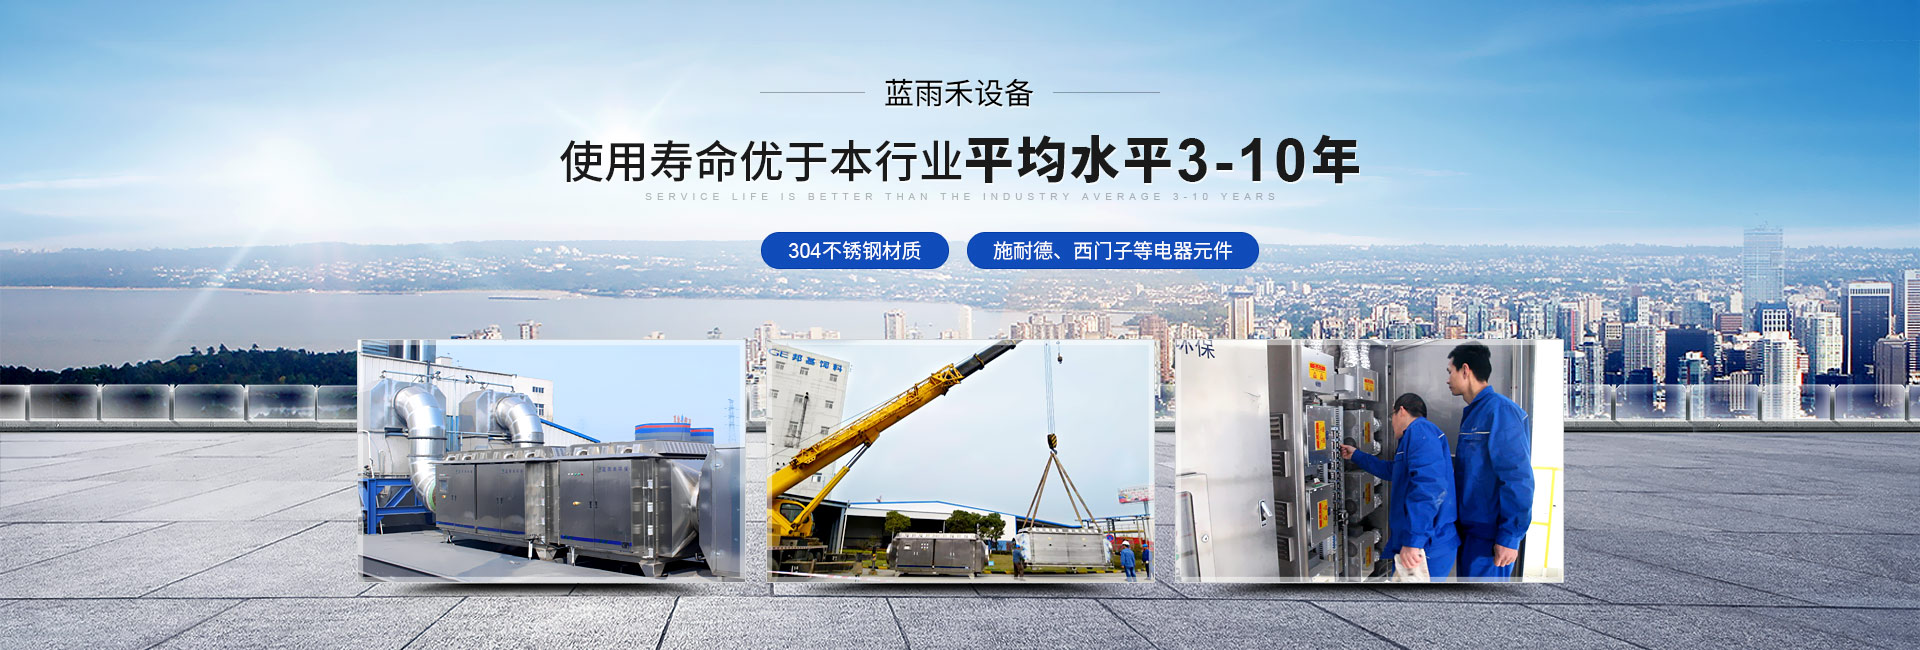 蓝雨禾设备 使用寿命优于行业平均水平3-10年